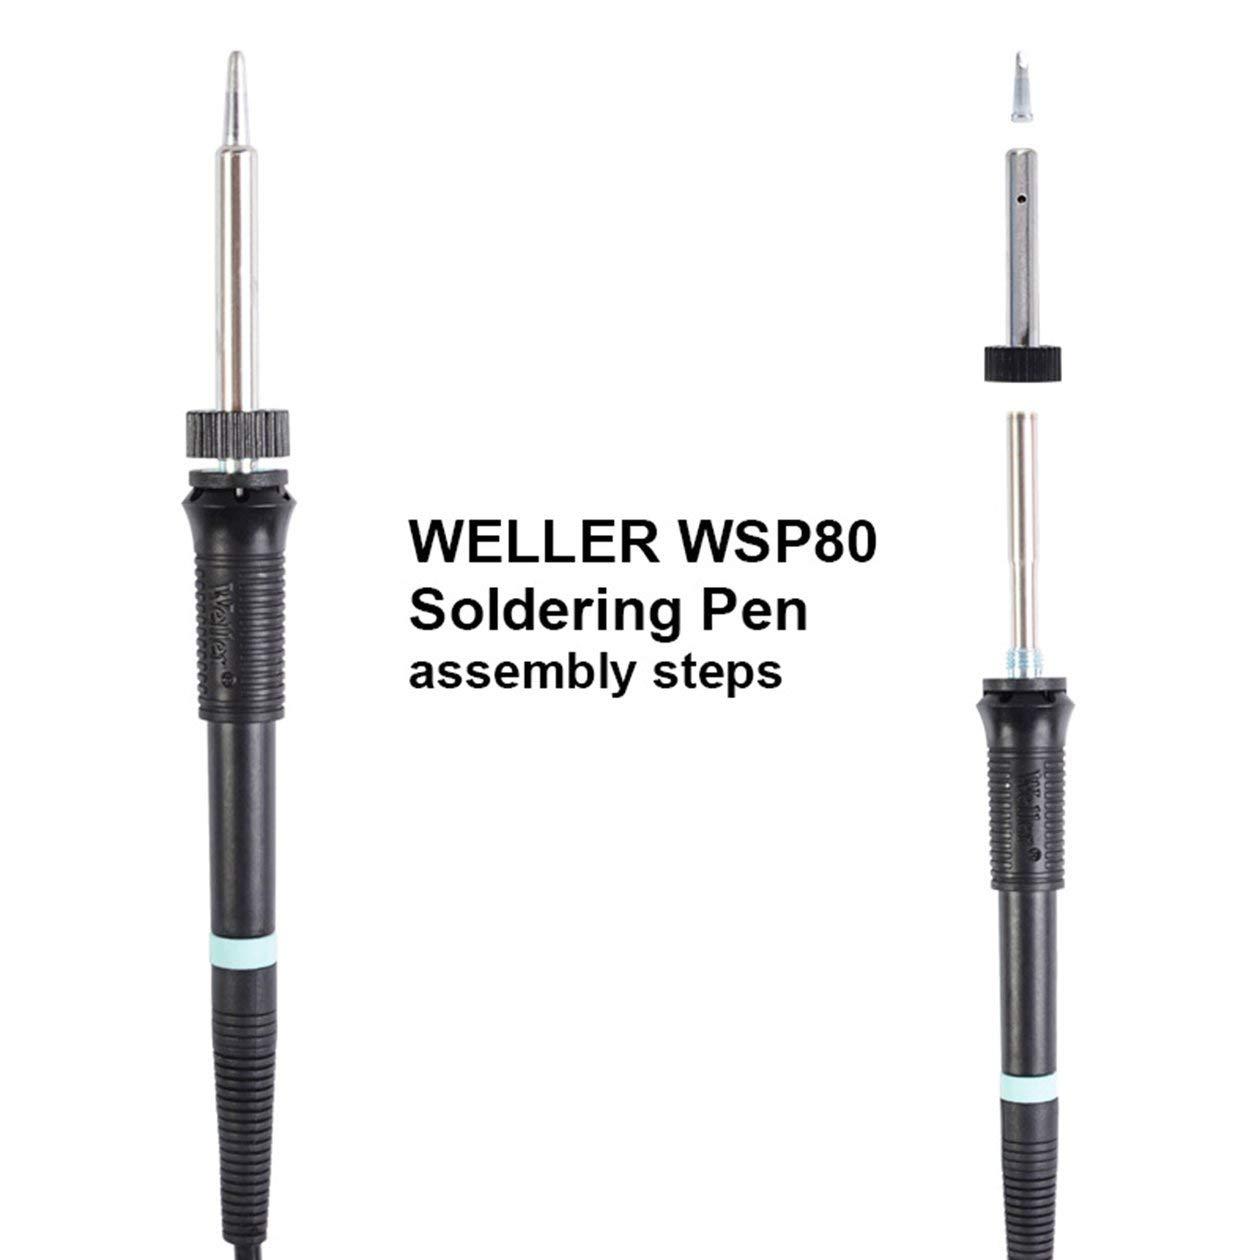 couleur: noir 80W WSP80 Poign/ée de station de soudage avec stylo WSD81 pour outil de soudage Weller WS81 WS80 Poign/ée de fer /à souder /électrique 24V